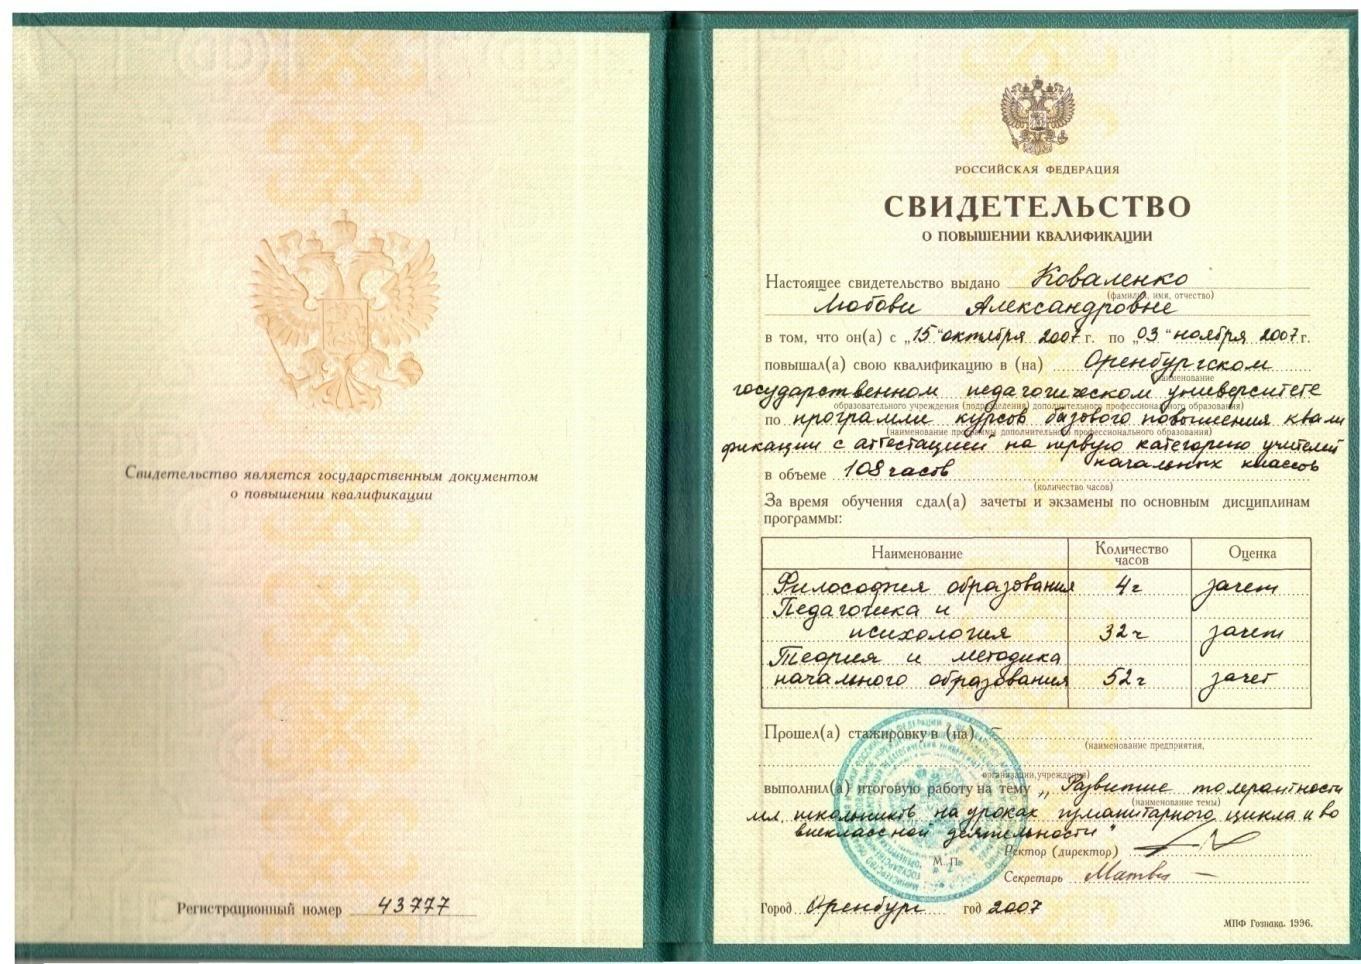 F:\грамоты\sergei_752@mail.ru\helios84@mail.ru\коваленко0001.jpg